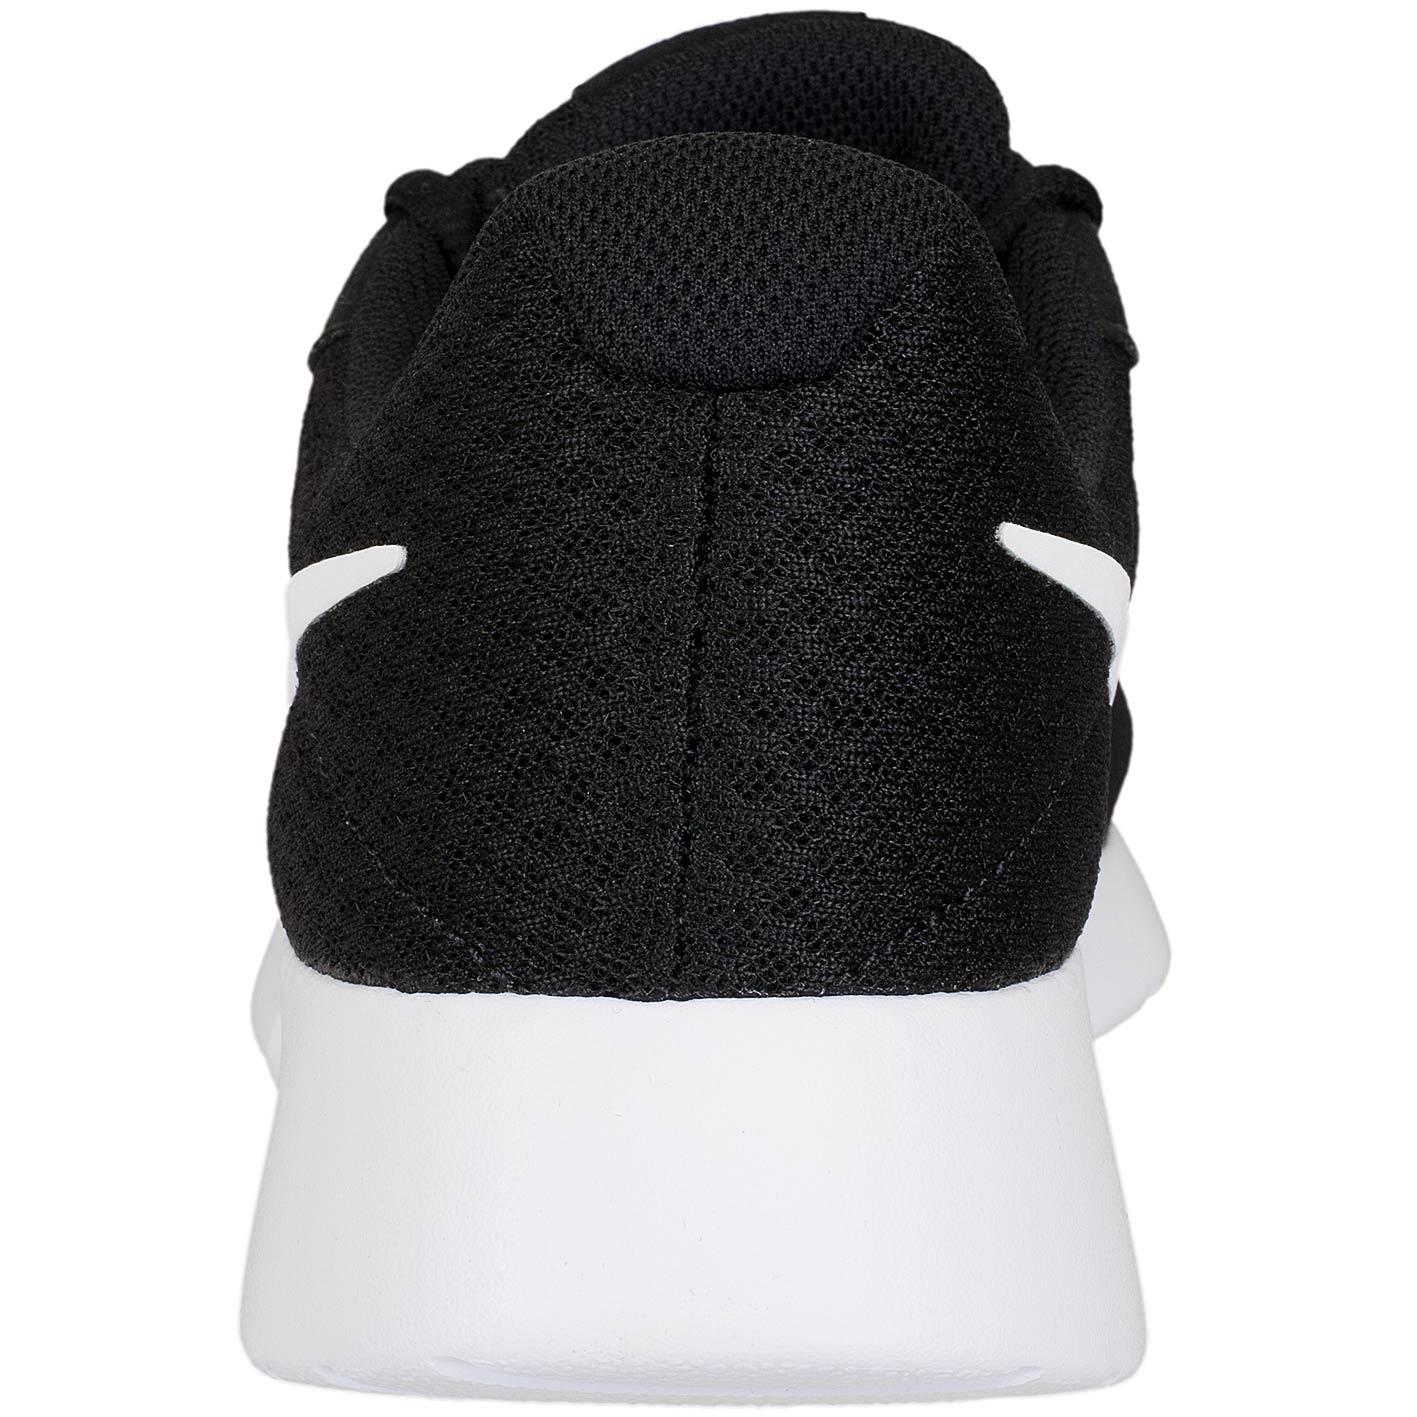 Damen Sneakers TANJUN von NIKE in schwarz weiß deichmann